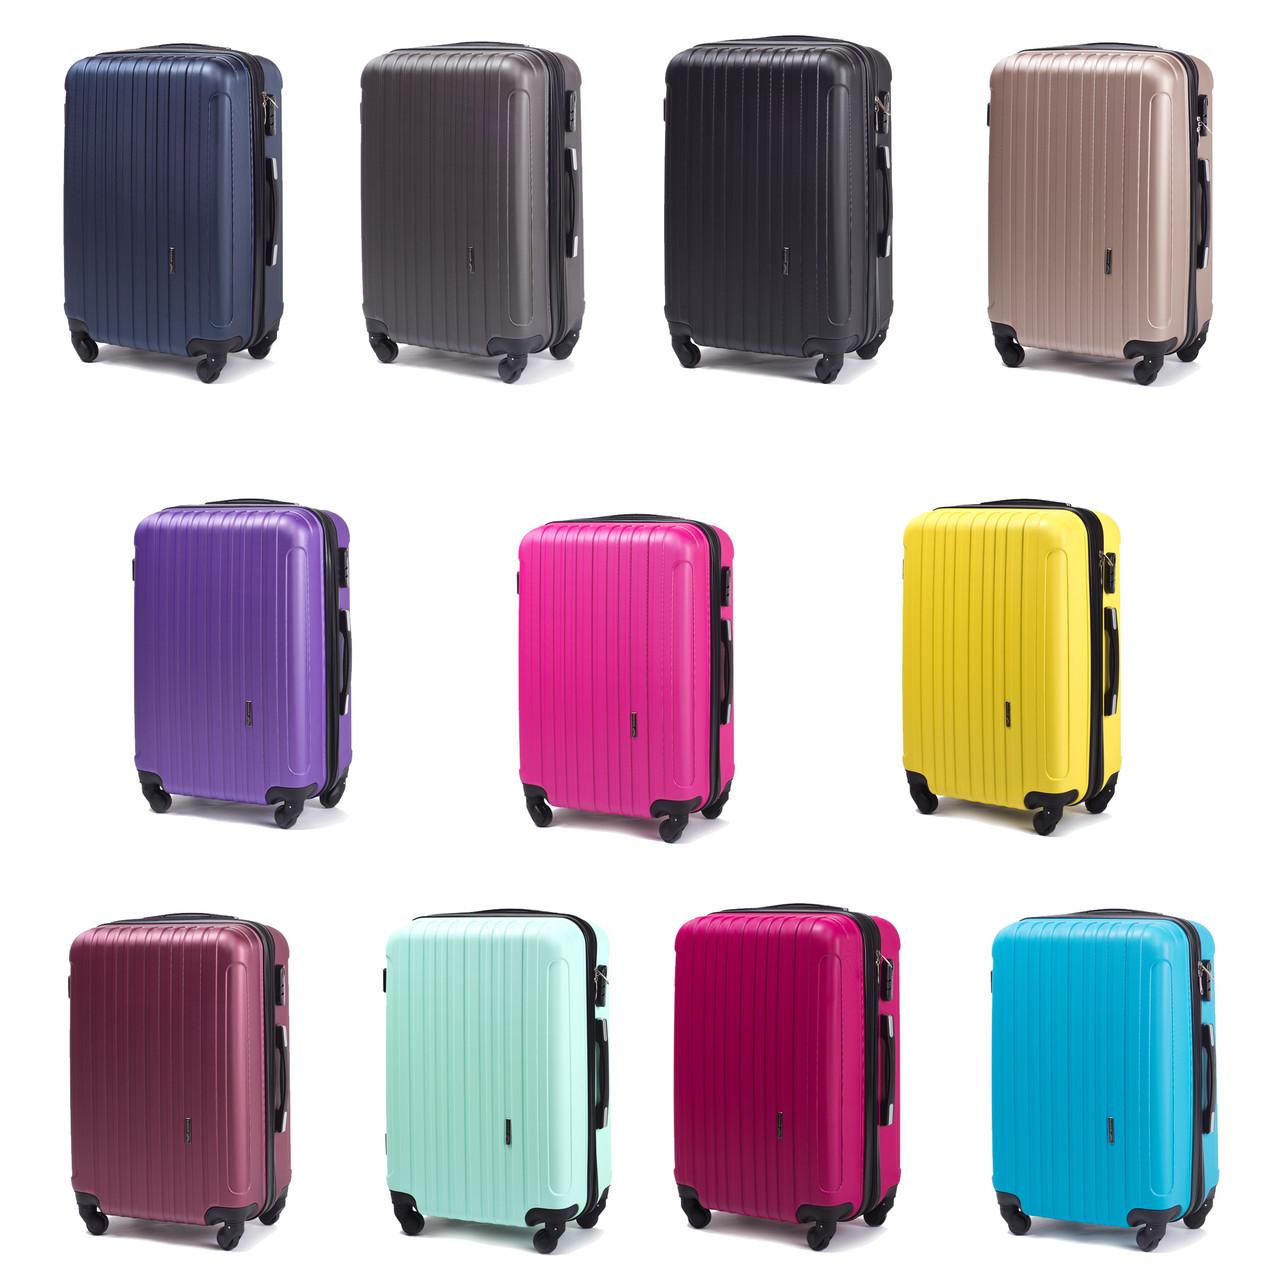 a4c22bacc1fd Чемодан WINGS 2011 (DUBAI) АБС-пластик, средний  продажа, цена в ...